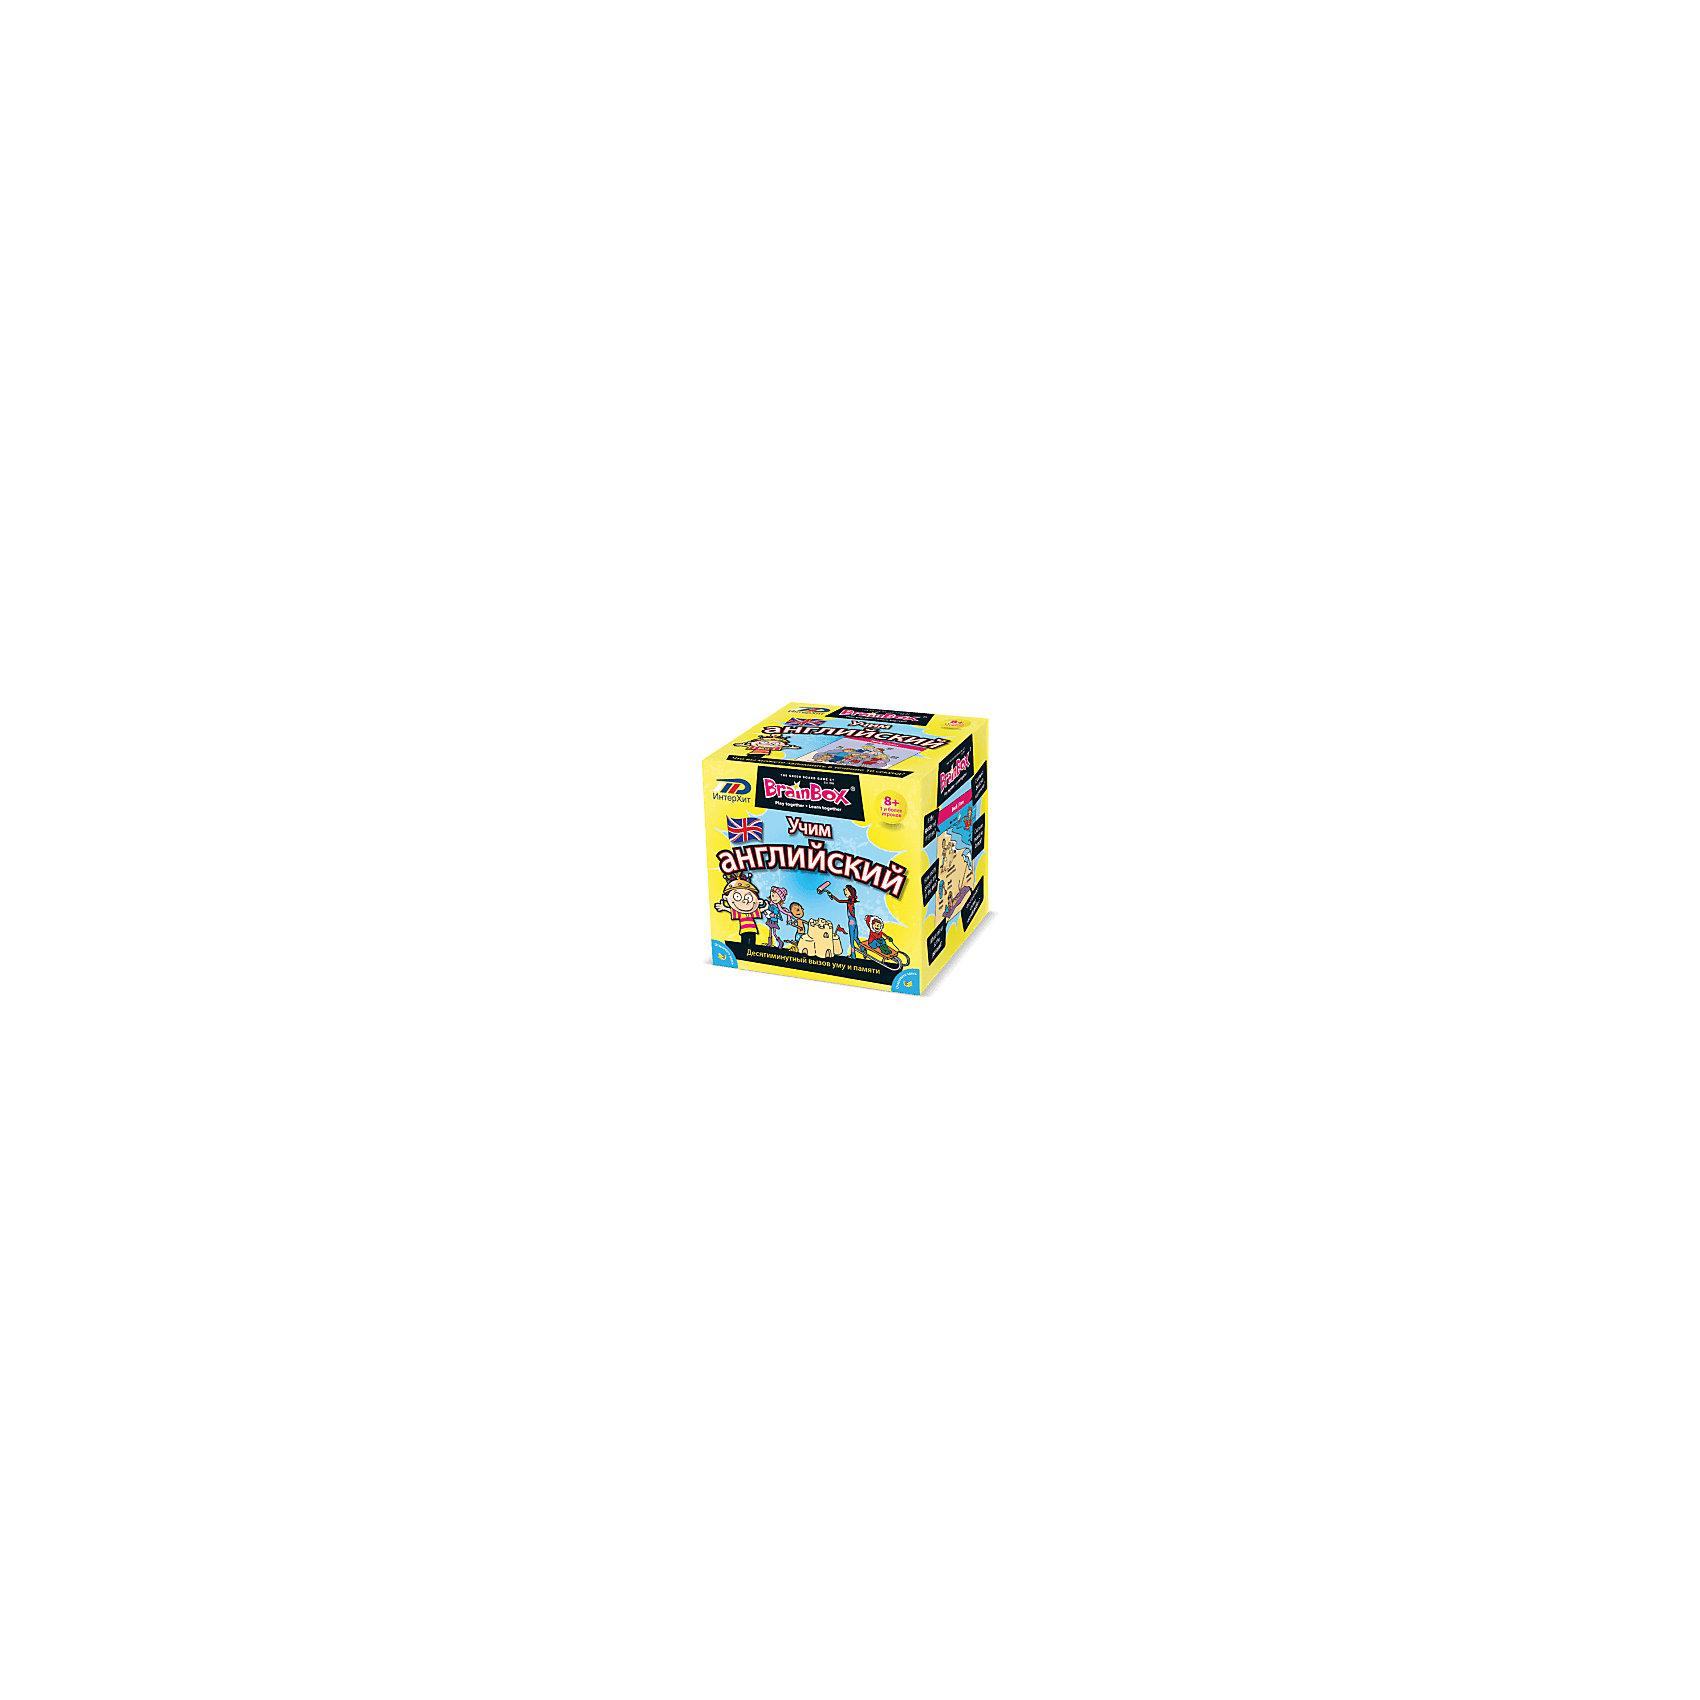 Настольная игра Сундучок знаний Учим английский BrainBoxИностранный язык<br>В каком возрасте лучше всего начинать изучение иностранного языка? Лучше всего с самого детства! Но просто так обучить детей иностранным словам практически невозможно. Да и если заставить их это сделать, то результата не будет практически никакого. Но все же есть выход! Игра «Учим английский» - станет первым учителем английского языка для ребенка!В коробке:Карточки – 71Карточка с инструкцией – 1Песочные часы – 1Кости – 1<br><br>Ширина мм: 120<br>Глубина мм: 120<br>Высота мм: 120<br>Вес г: 970<br>Возраст от месяцев: 96<br>Возраст до месяцев: 2147483647<br>Пол: Унисекс<br>Возраст: Детский<br>SKU: 7041181